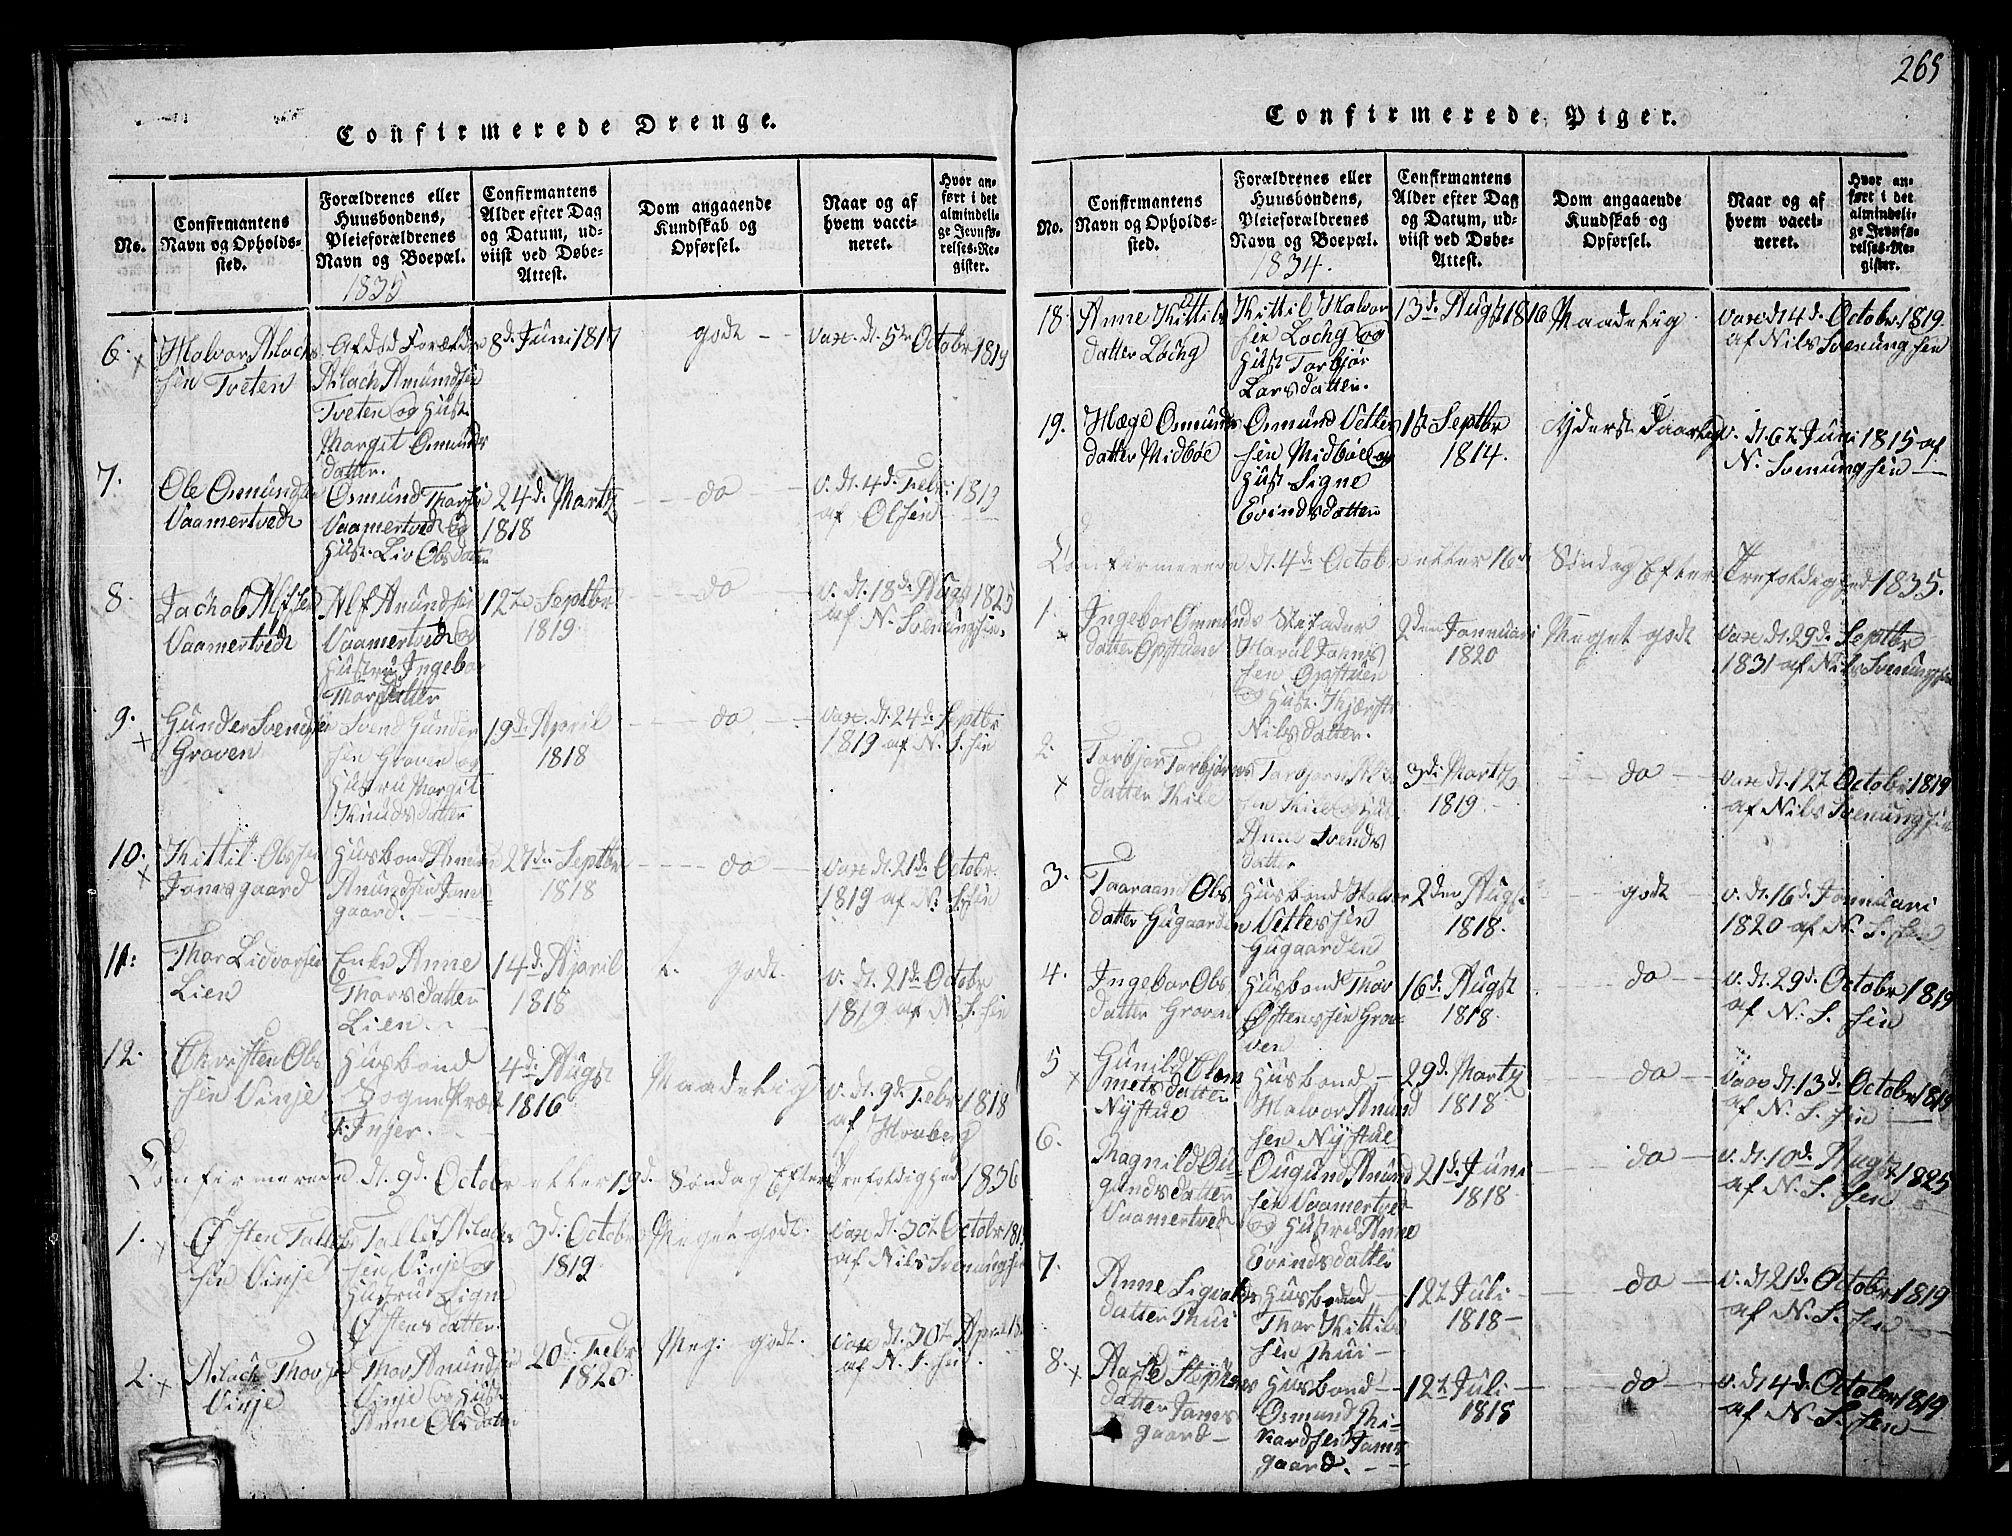 SAKO, Vinje kirkebøker, G/Ga/L0001: Klokkerbok nr. I 1, 1814-1843, s. 265